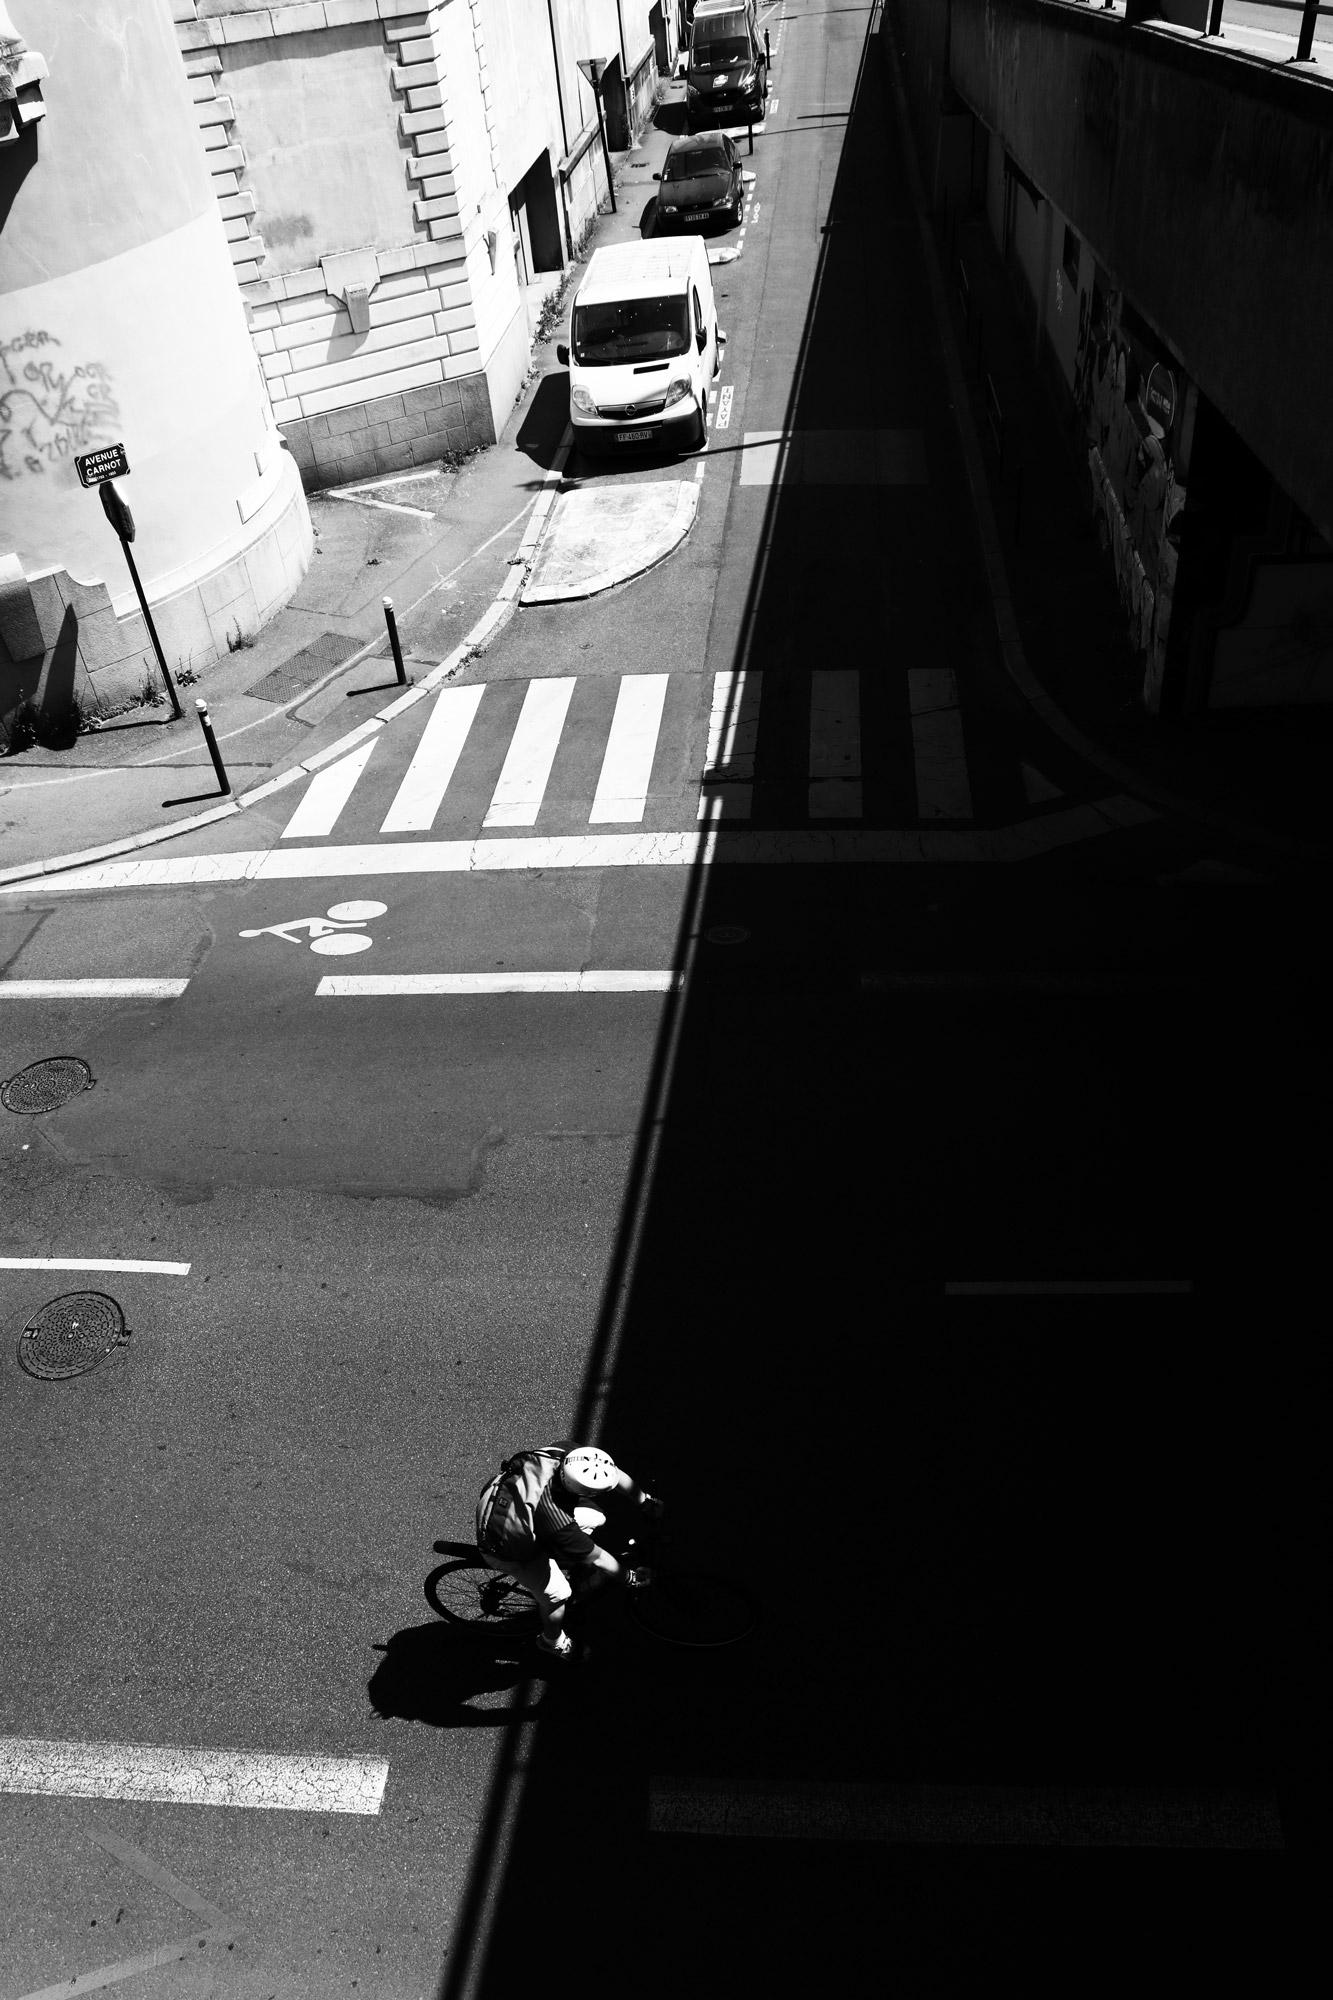 """""""Light in shadow"""" - Pont de la Rotonde, Nantes. ©Clémence Rougetet"""